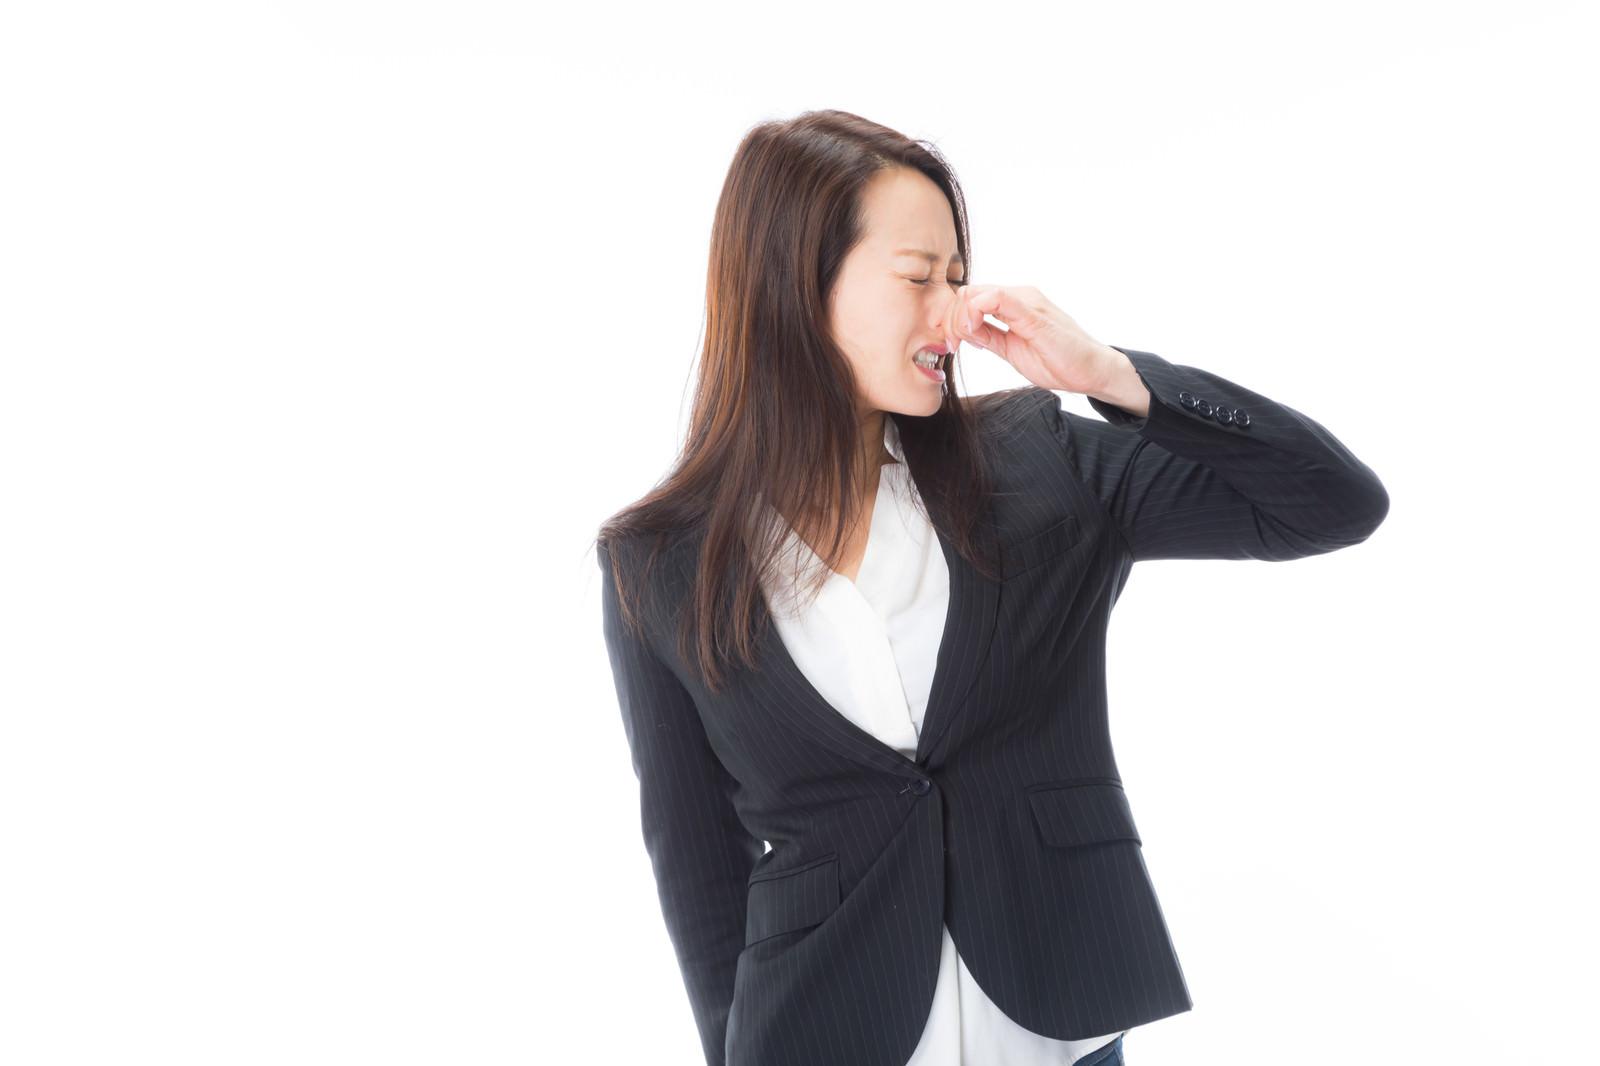 「顔を背けて鼻をつまむ女性」の写真[モデル:土本寛子]